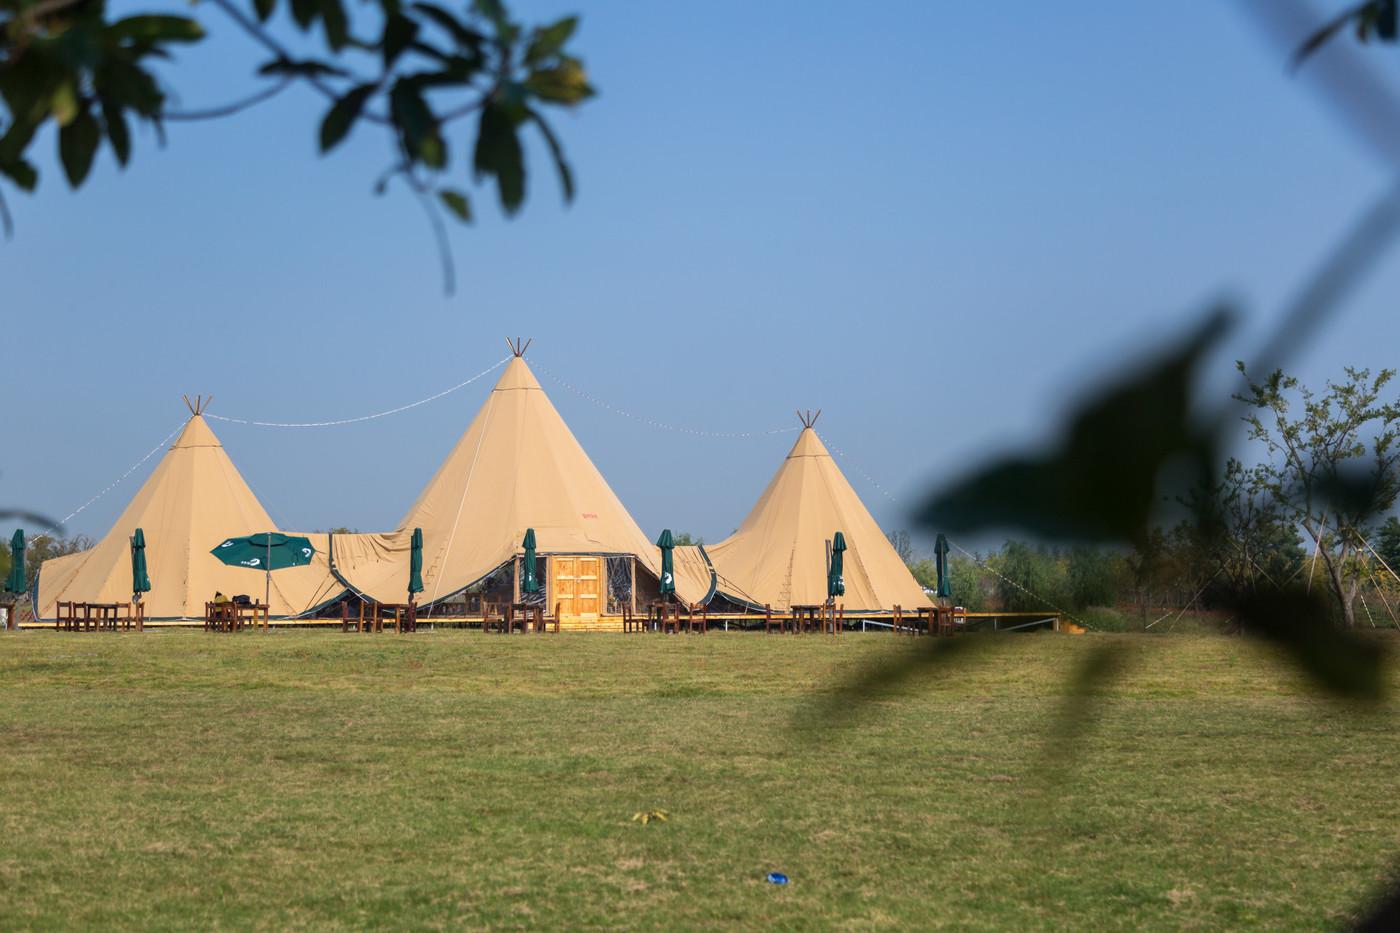 喜马拉雅印第安多功能大厅—淮安白马湖生态旅游度假区7